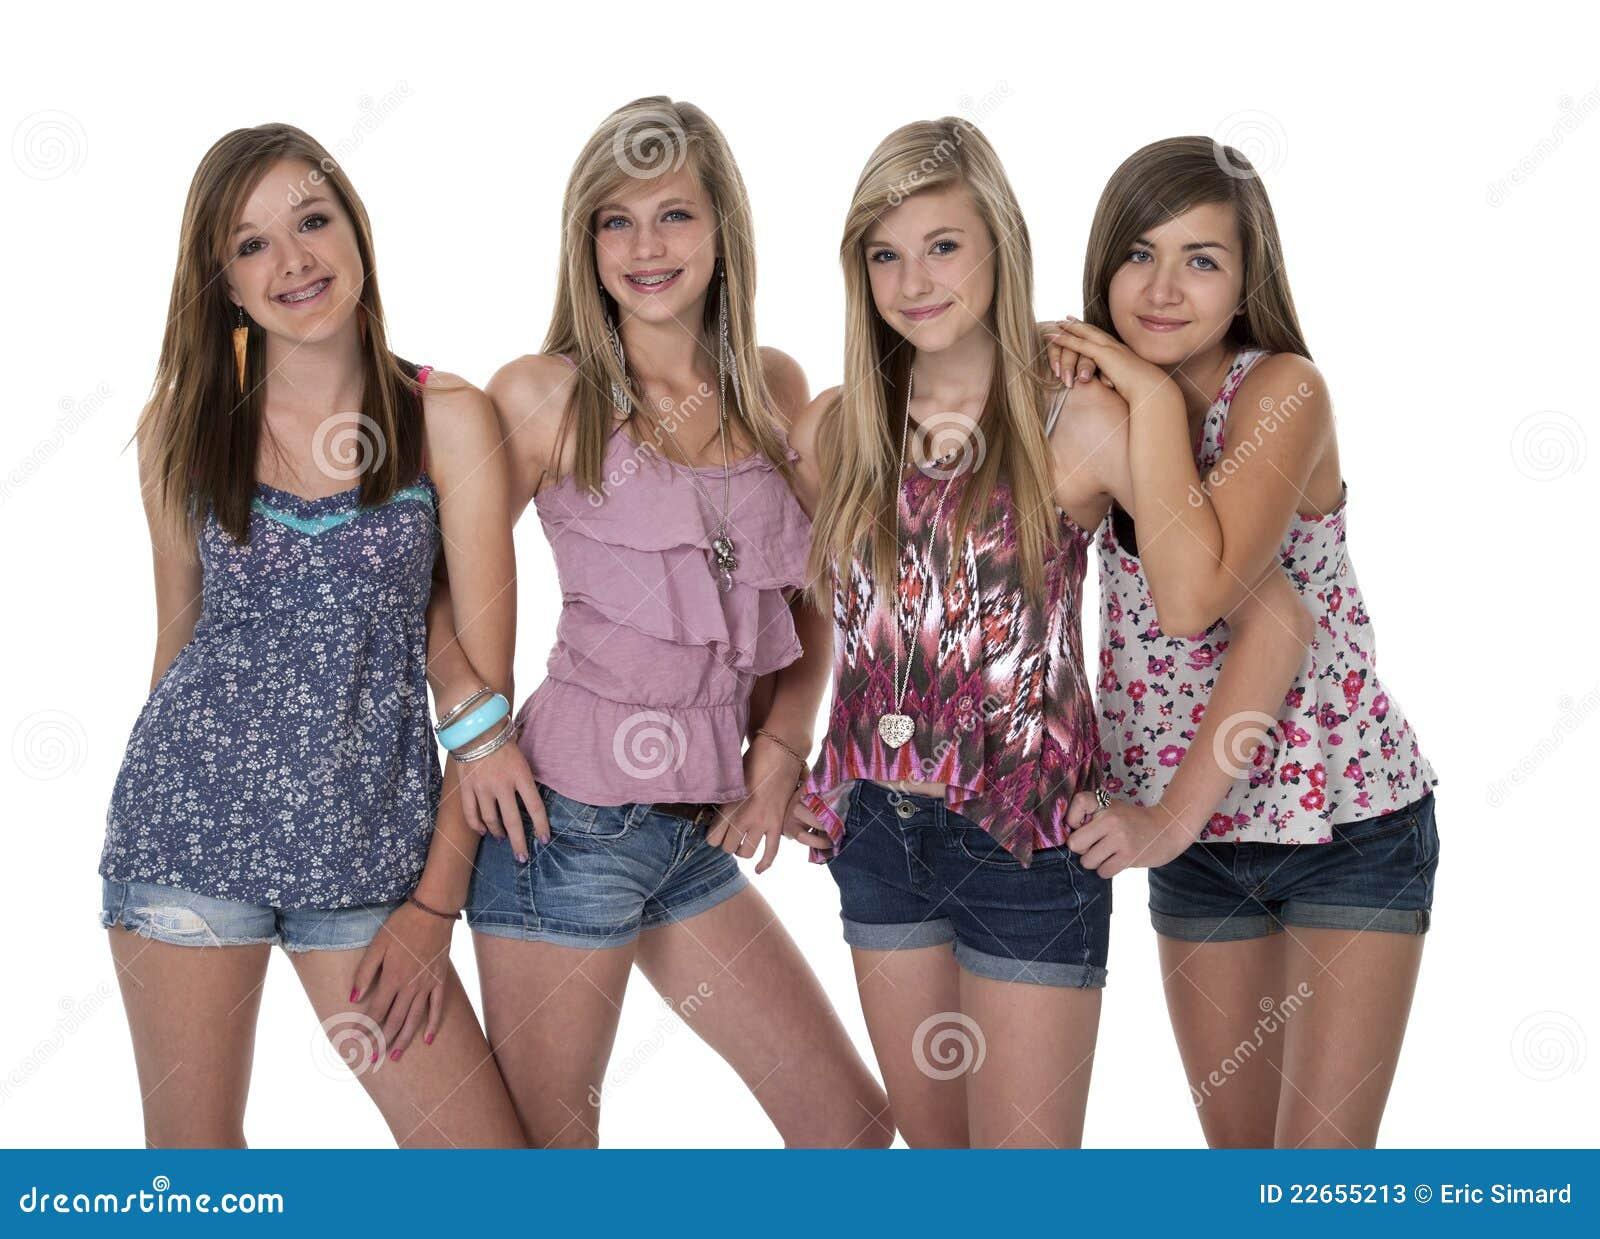 Студийные фото девочек подростков 2 фотография